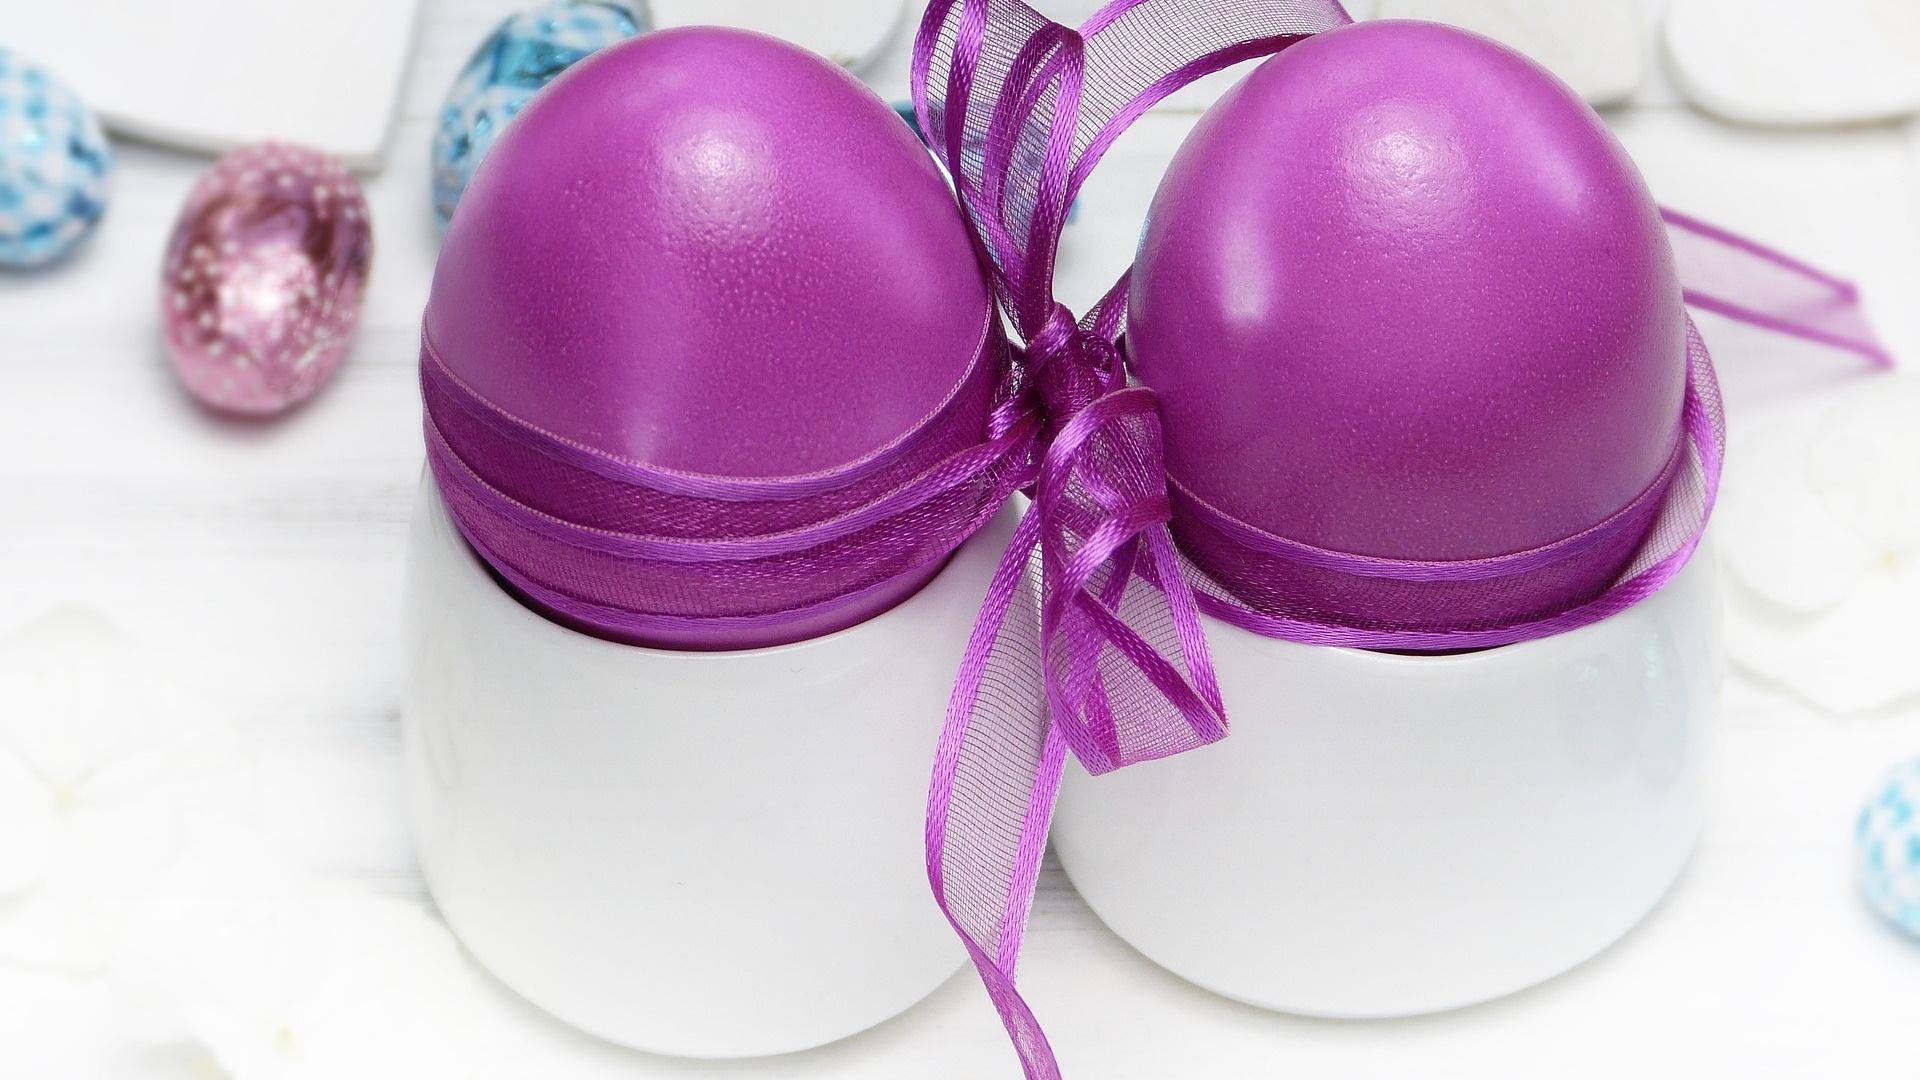 Easter Eggs With Ribbon wallpaper for desktop